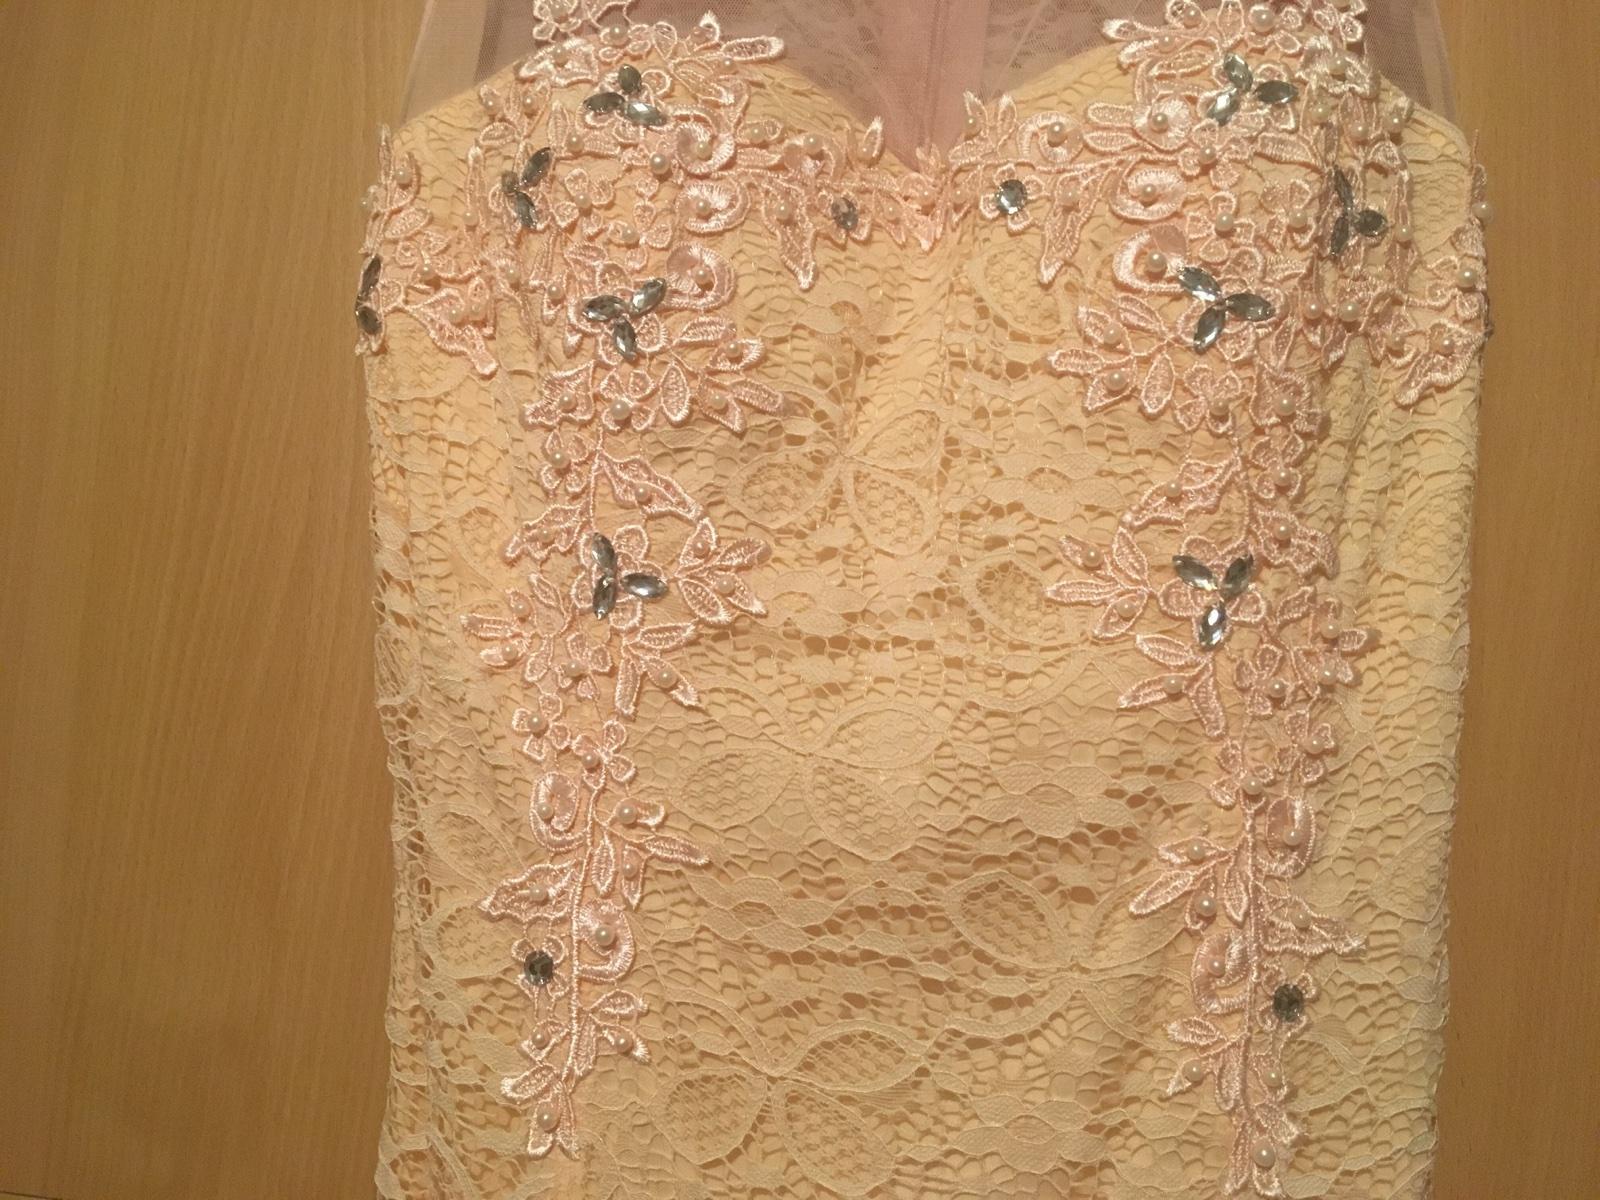 Čipkovane dlhé šaty  - Obrázok č. 4